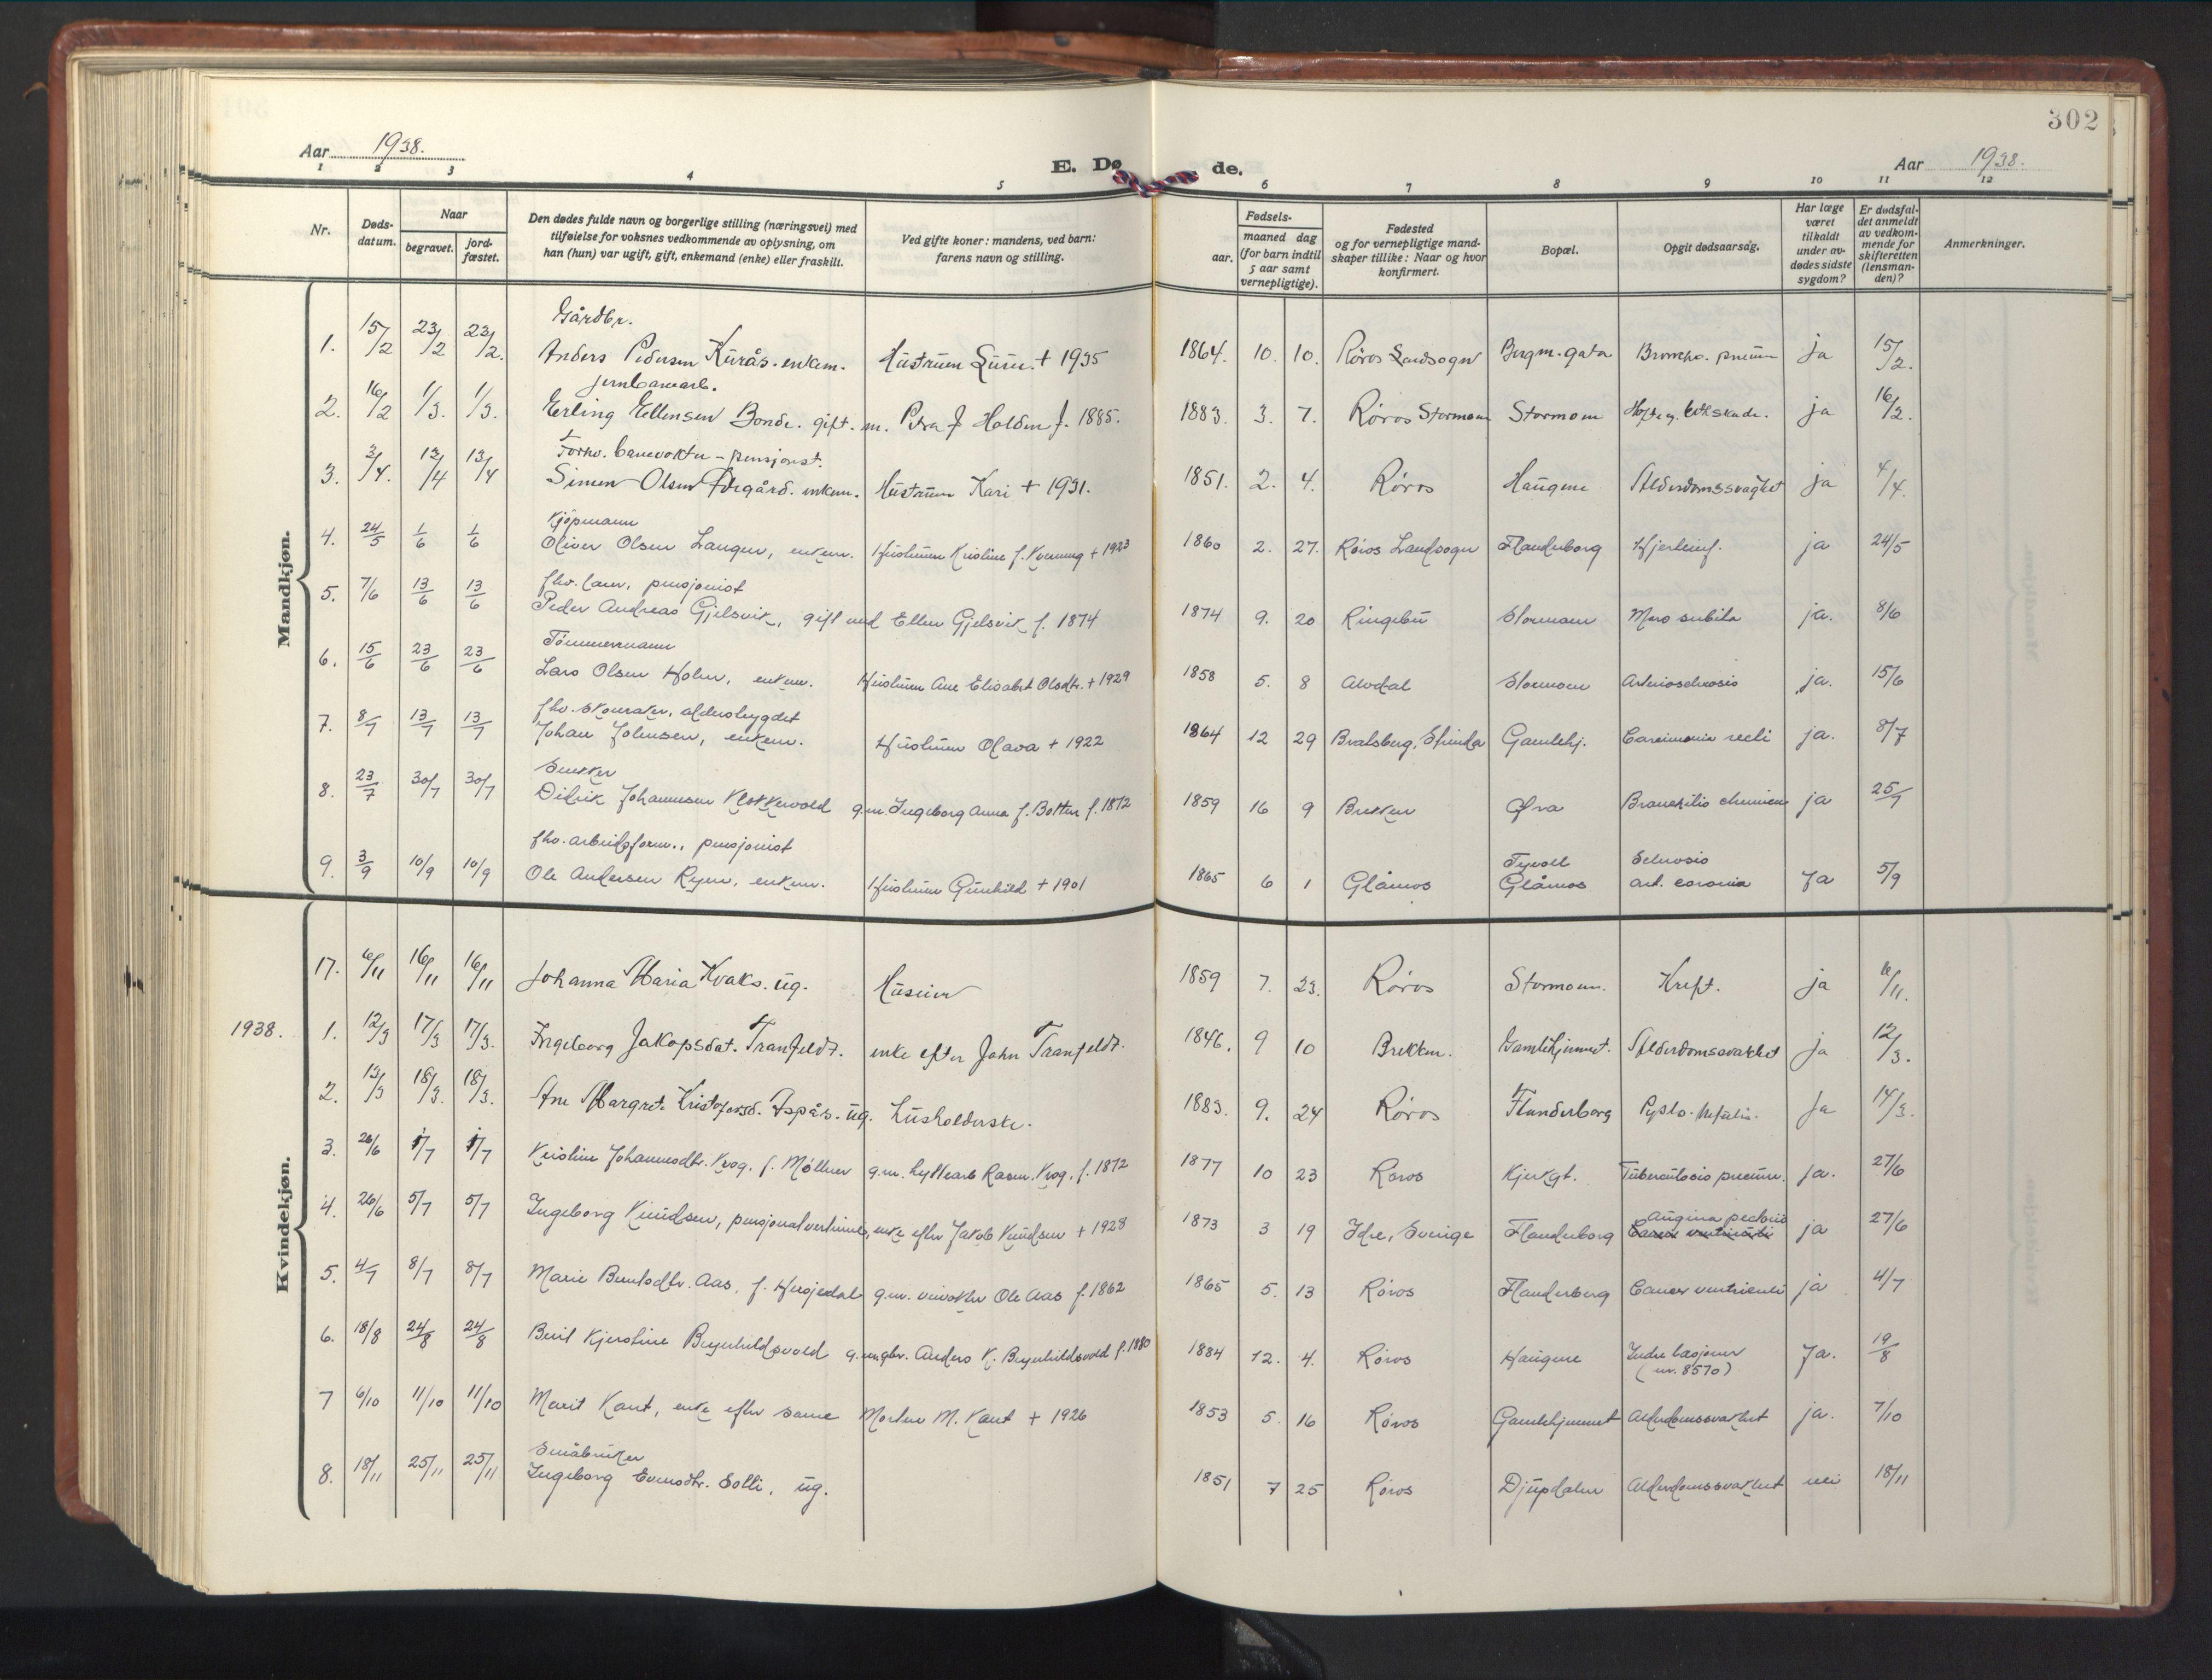 SAT, Ministerialprotokoller, klokkerbøker og fødselsregistre - Sør-Trøndelag, 681/L0943: Klokkerbok nr. 681C07, 1926-1954, s. 302